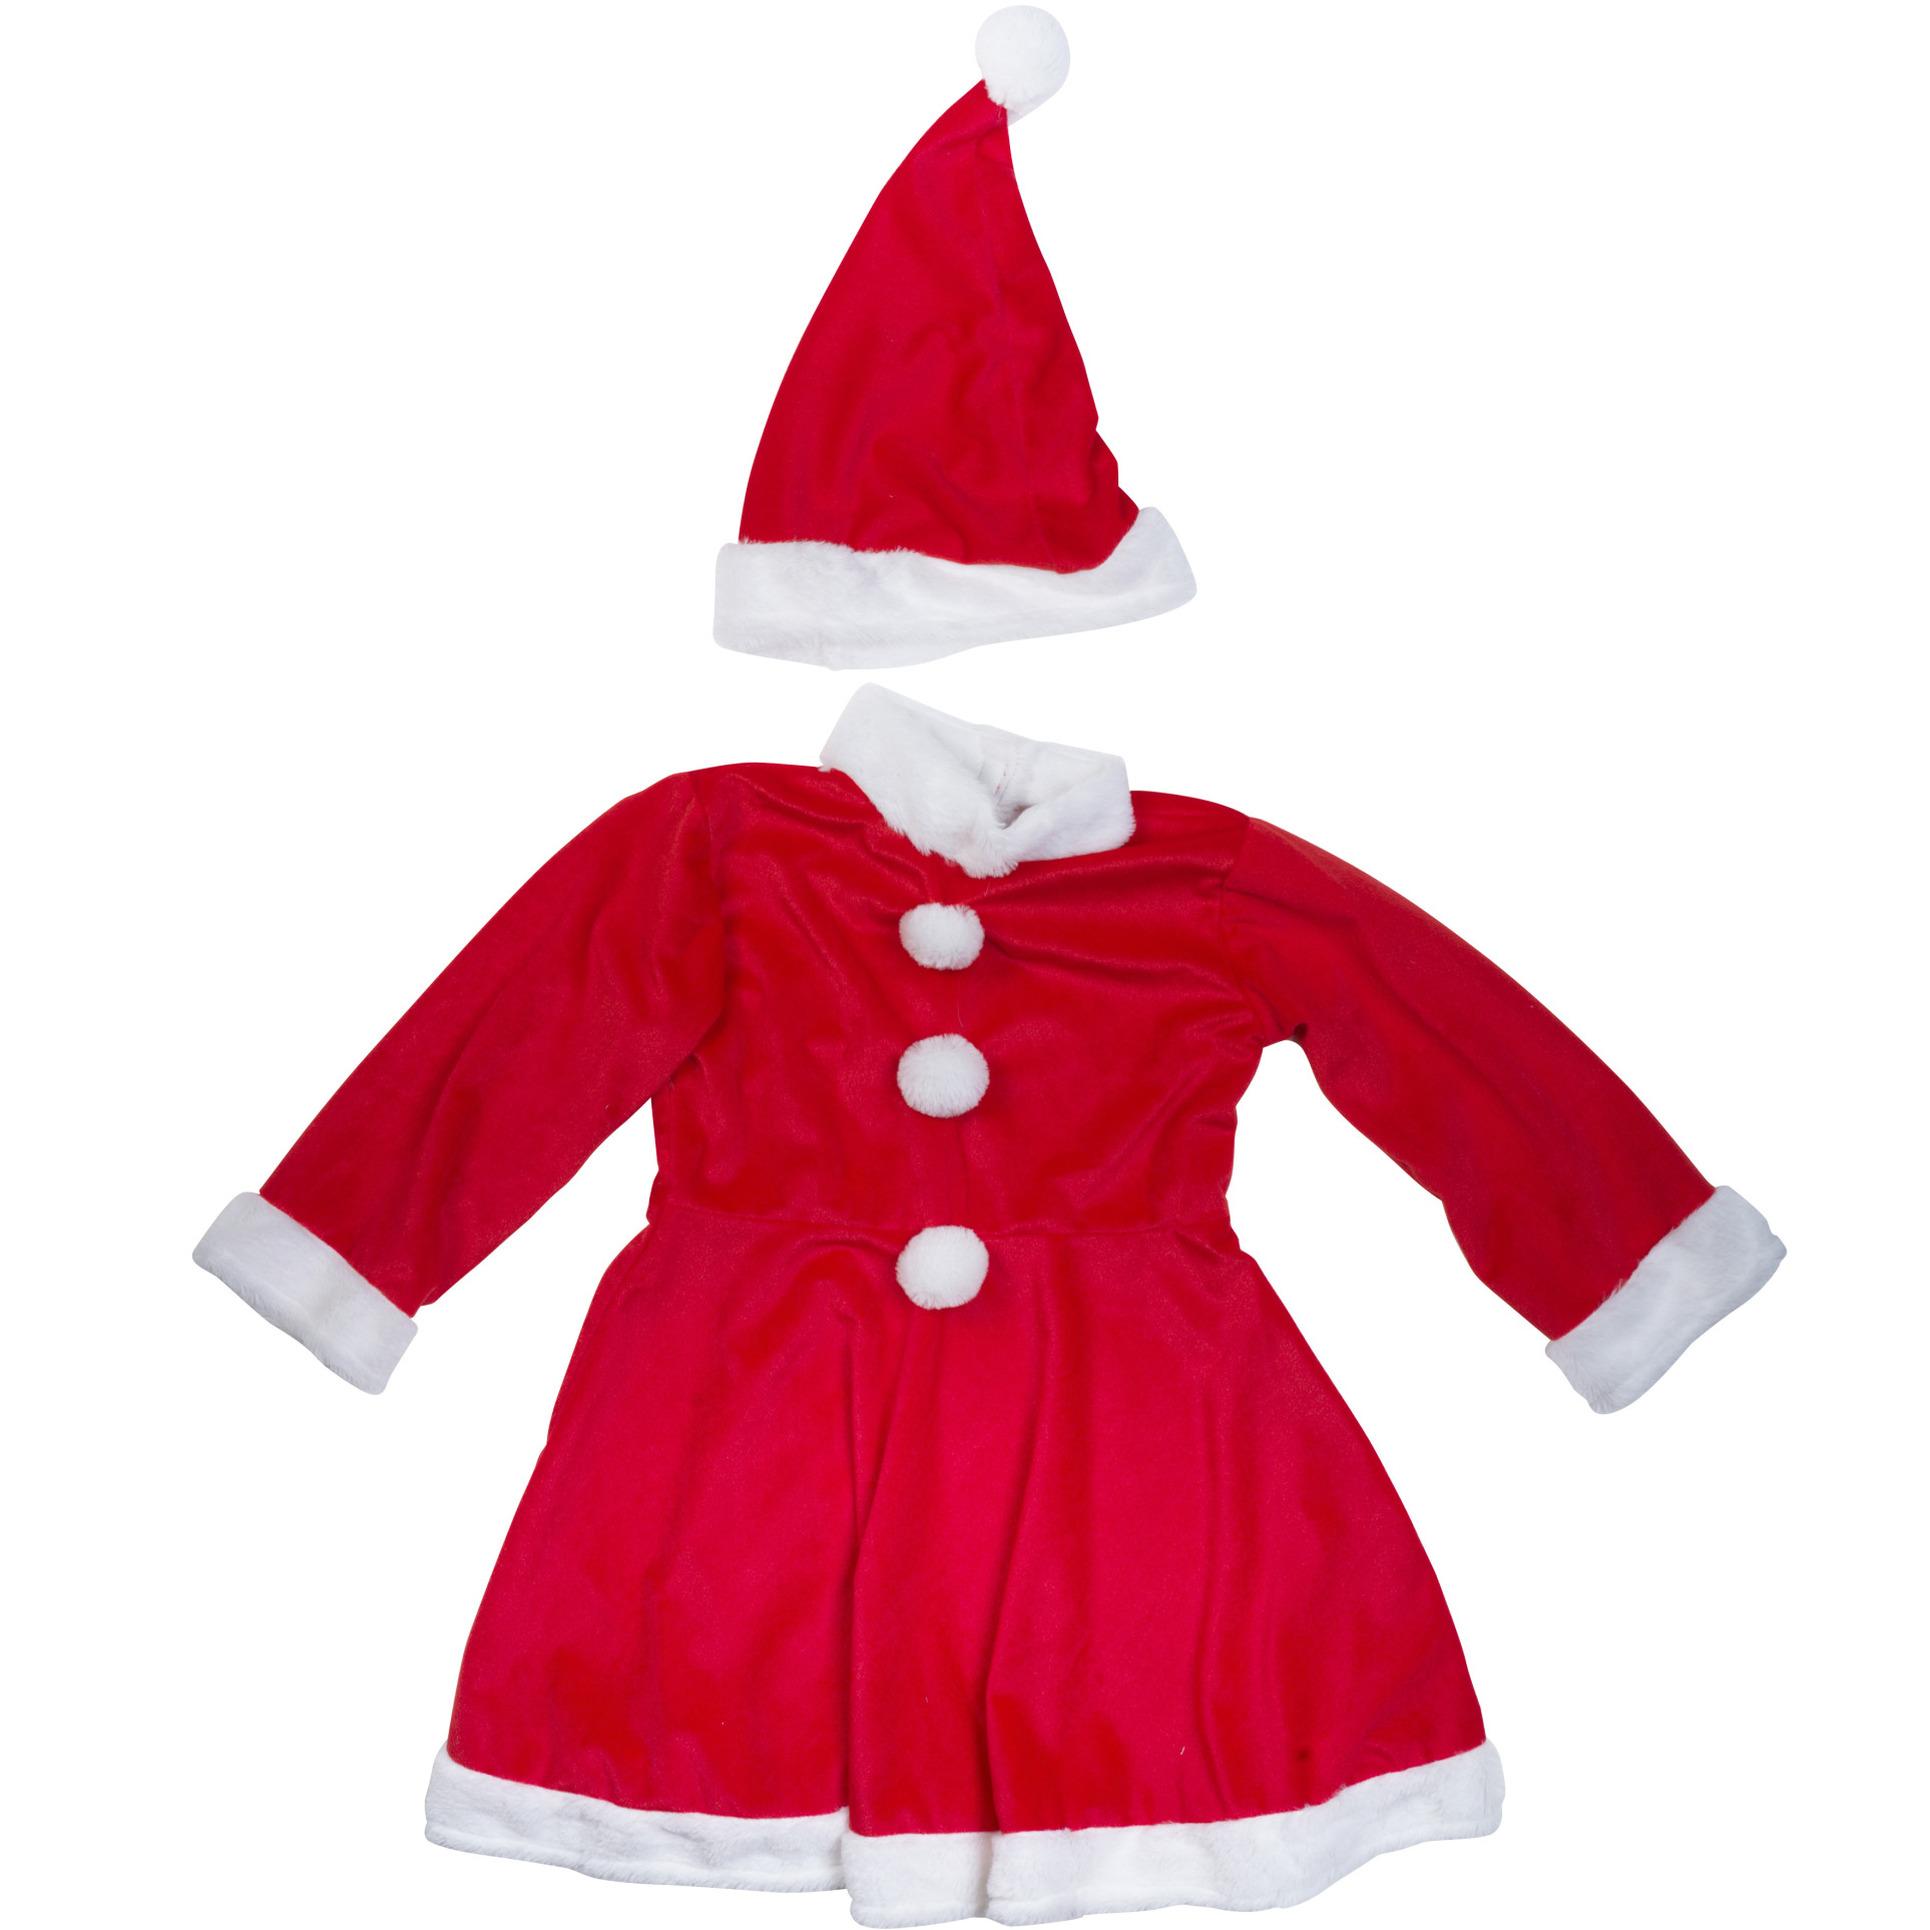 Kerstjurkje verkleed kostuum met muts voor meisjes